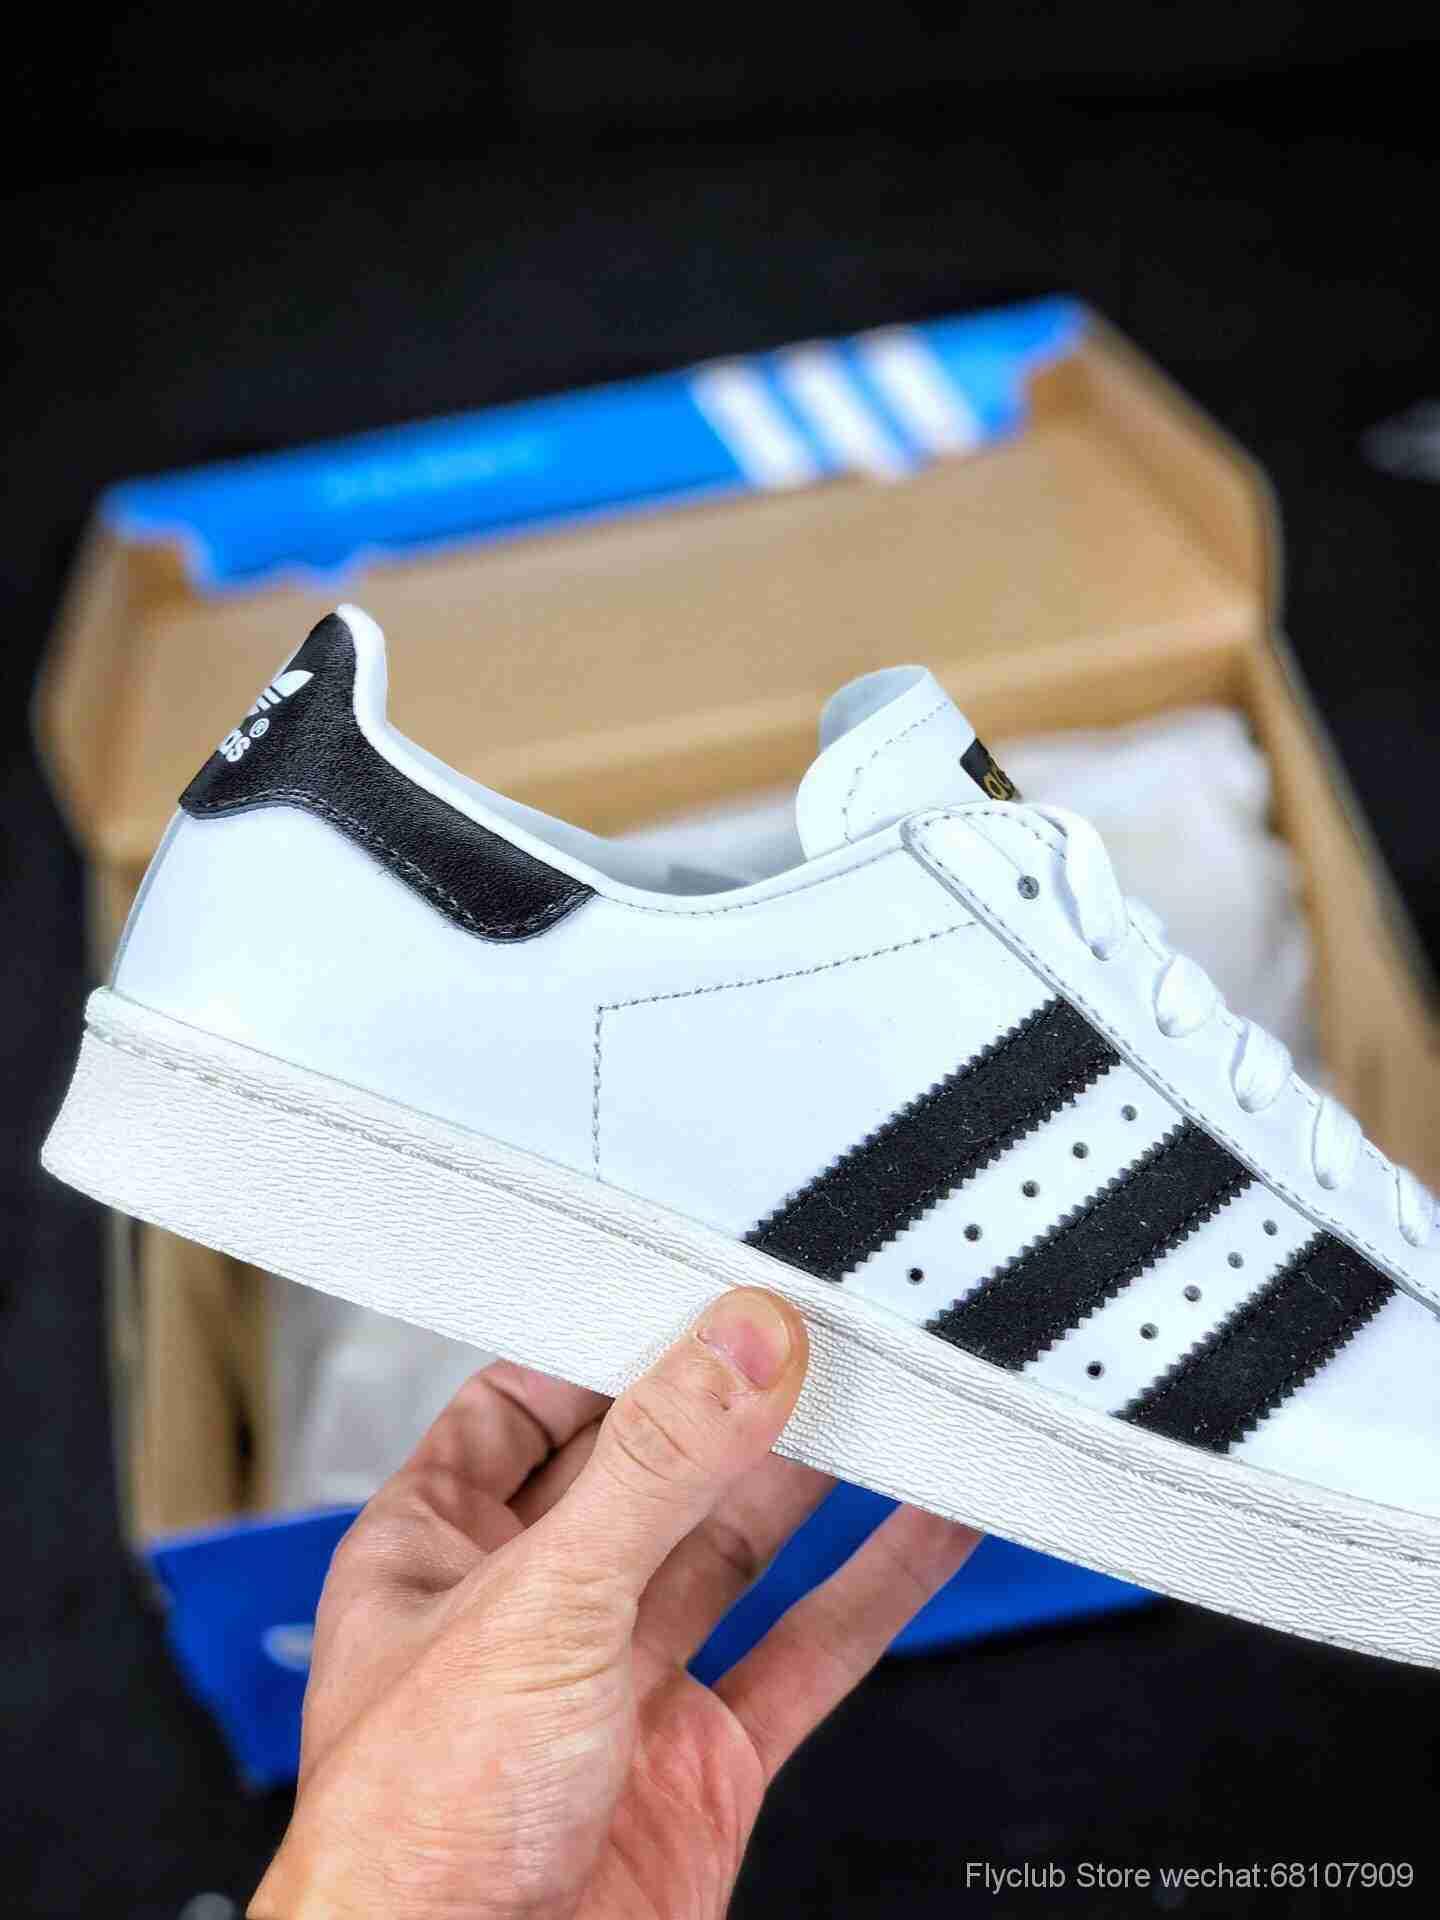 原装公司级Adidas/阿迪达斯 三叶草 金标贝壳头运动休闲板鞋 G61070 男女鞋